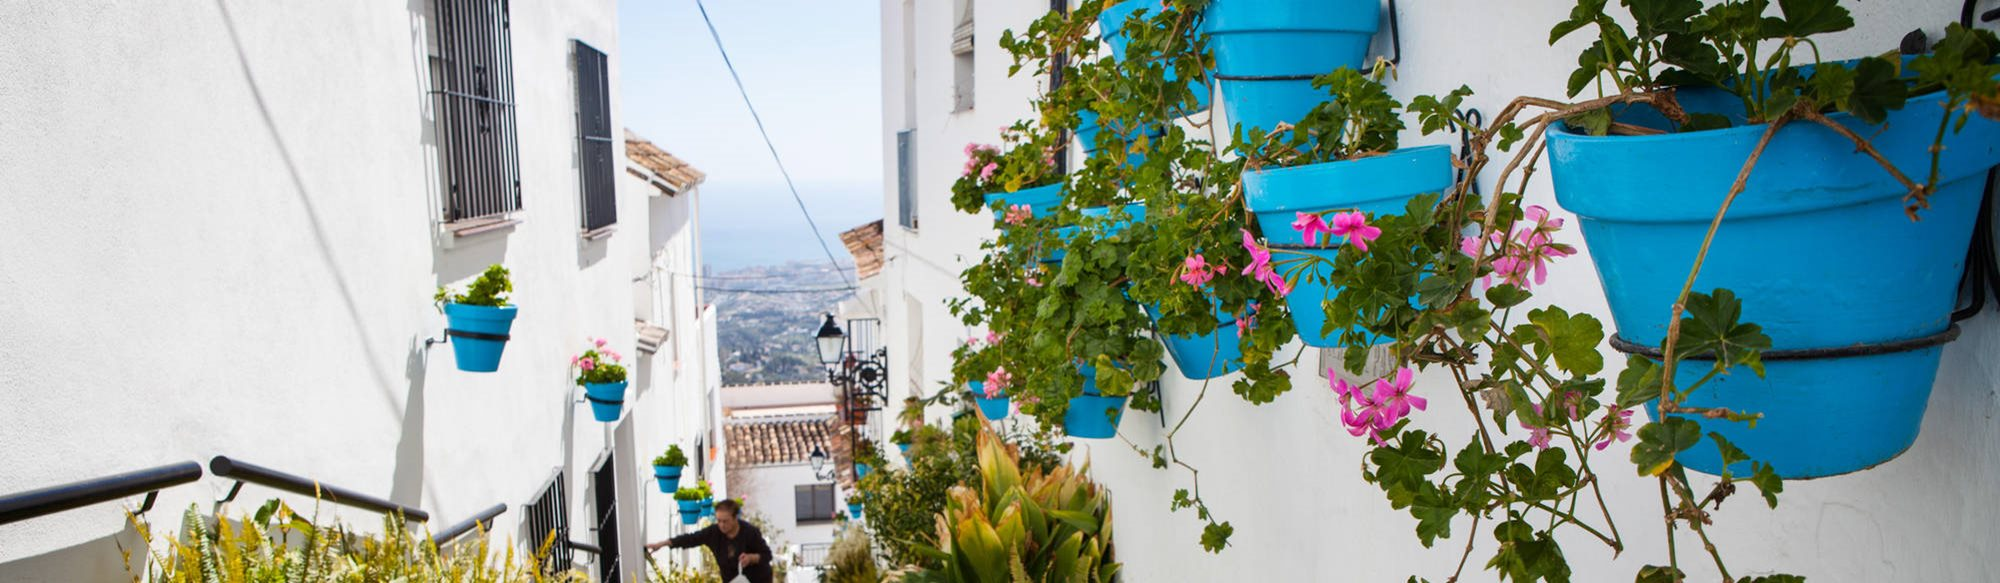 gratis online dating Costa del Sol gratis dejtingsajt än POF